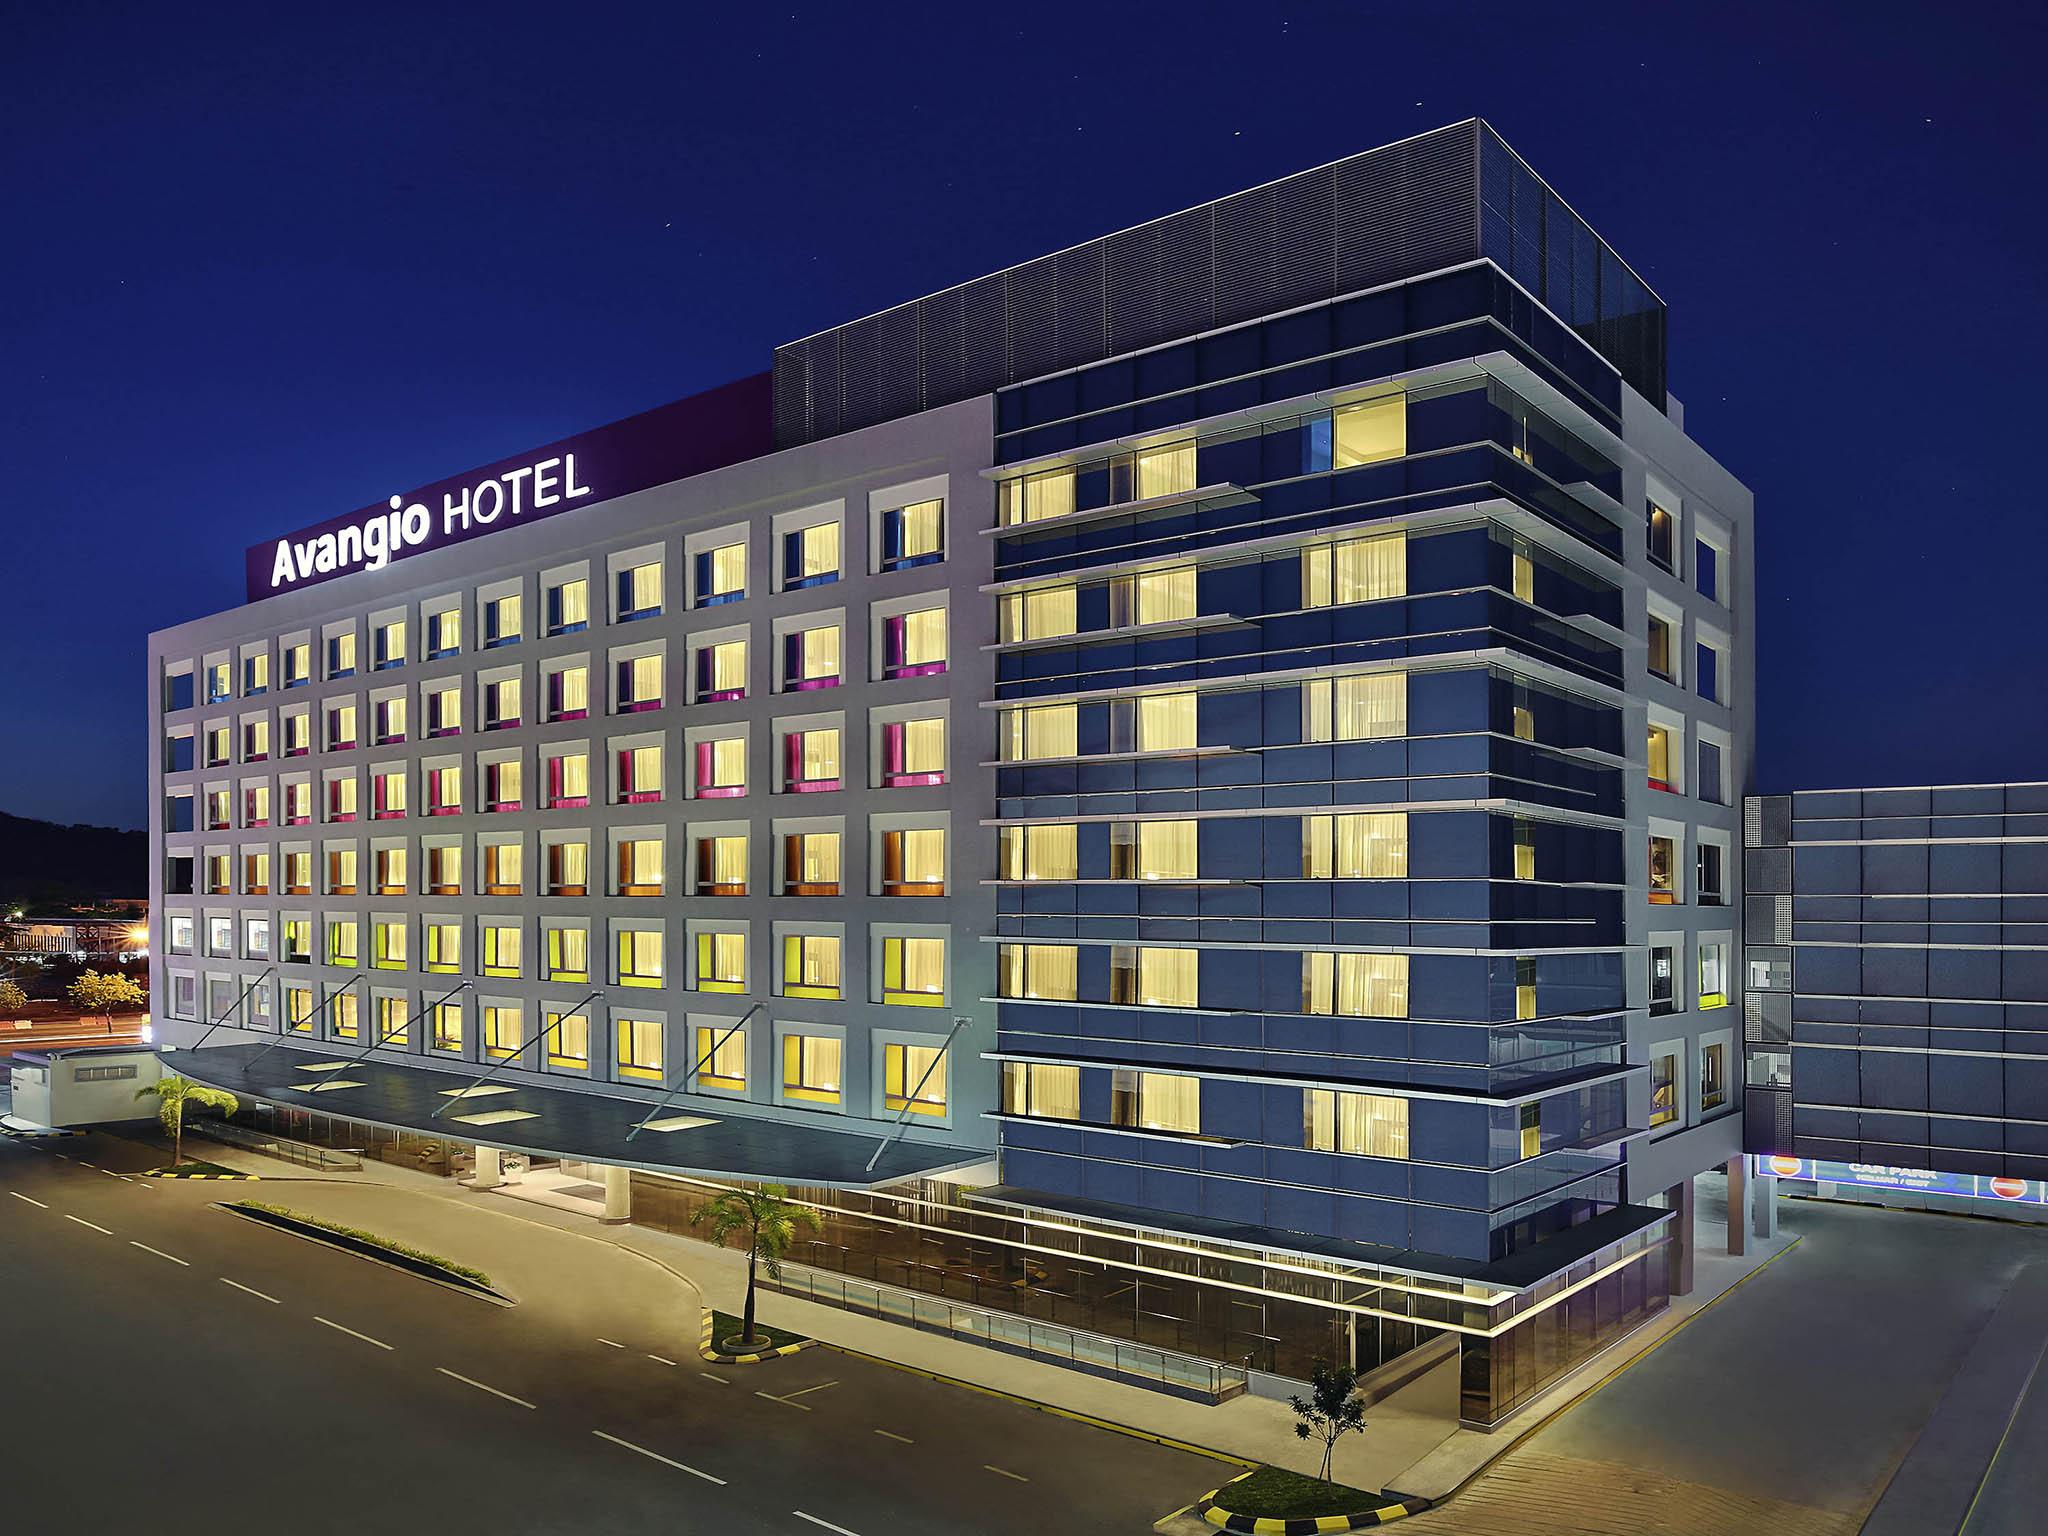 ホテル – アバンギオ ホテル コタキナバル - マネージド by アコーホテルズ